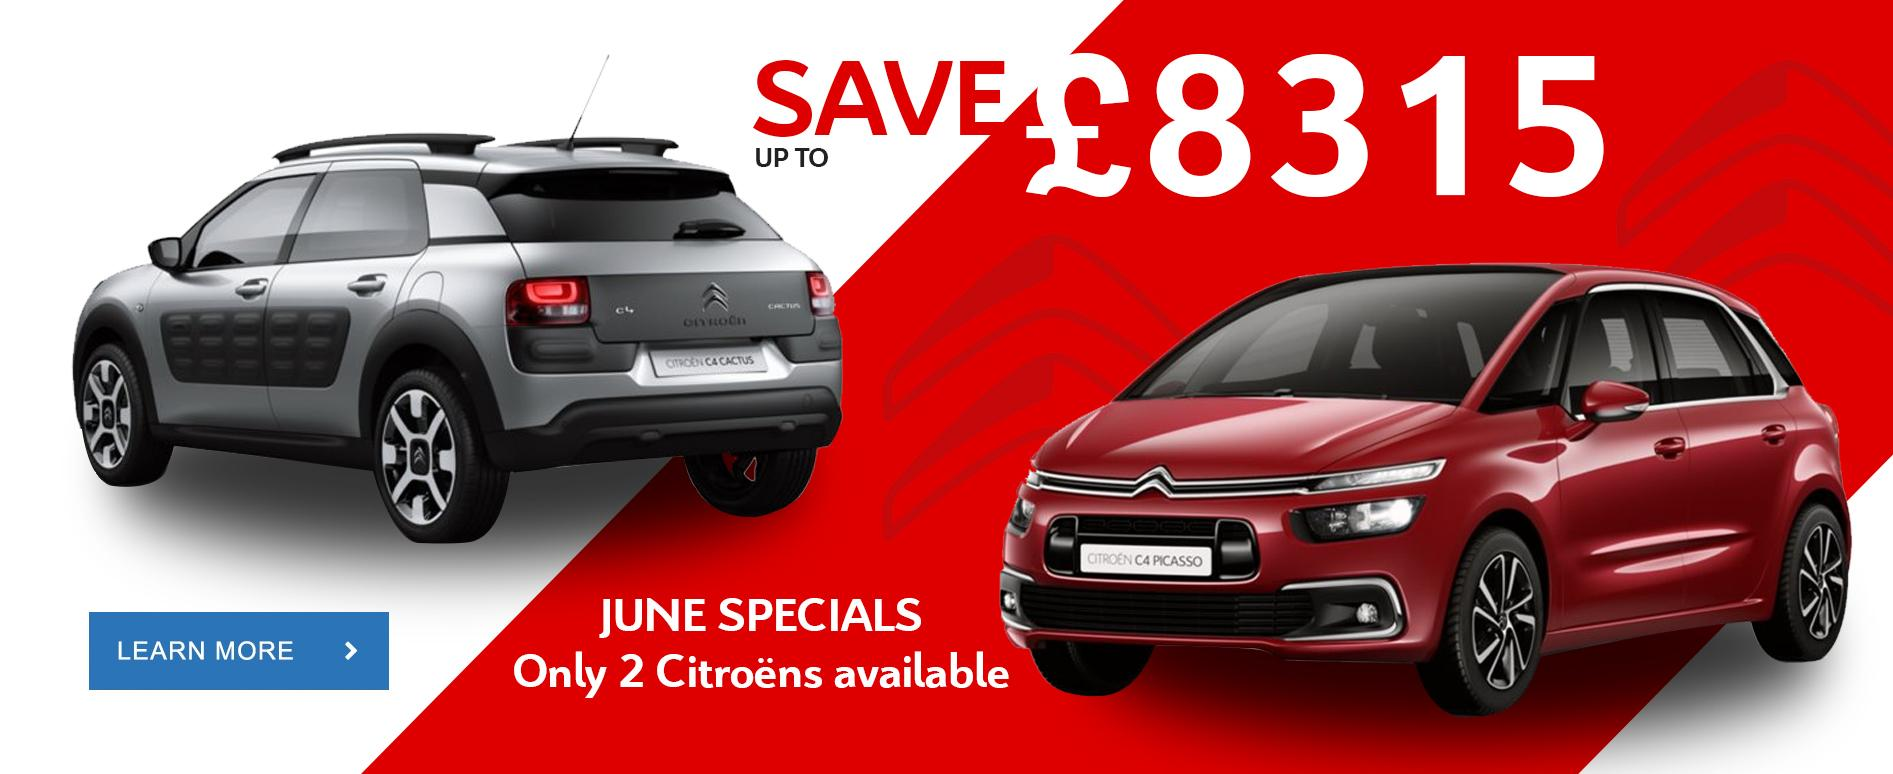 Citroen June Specials